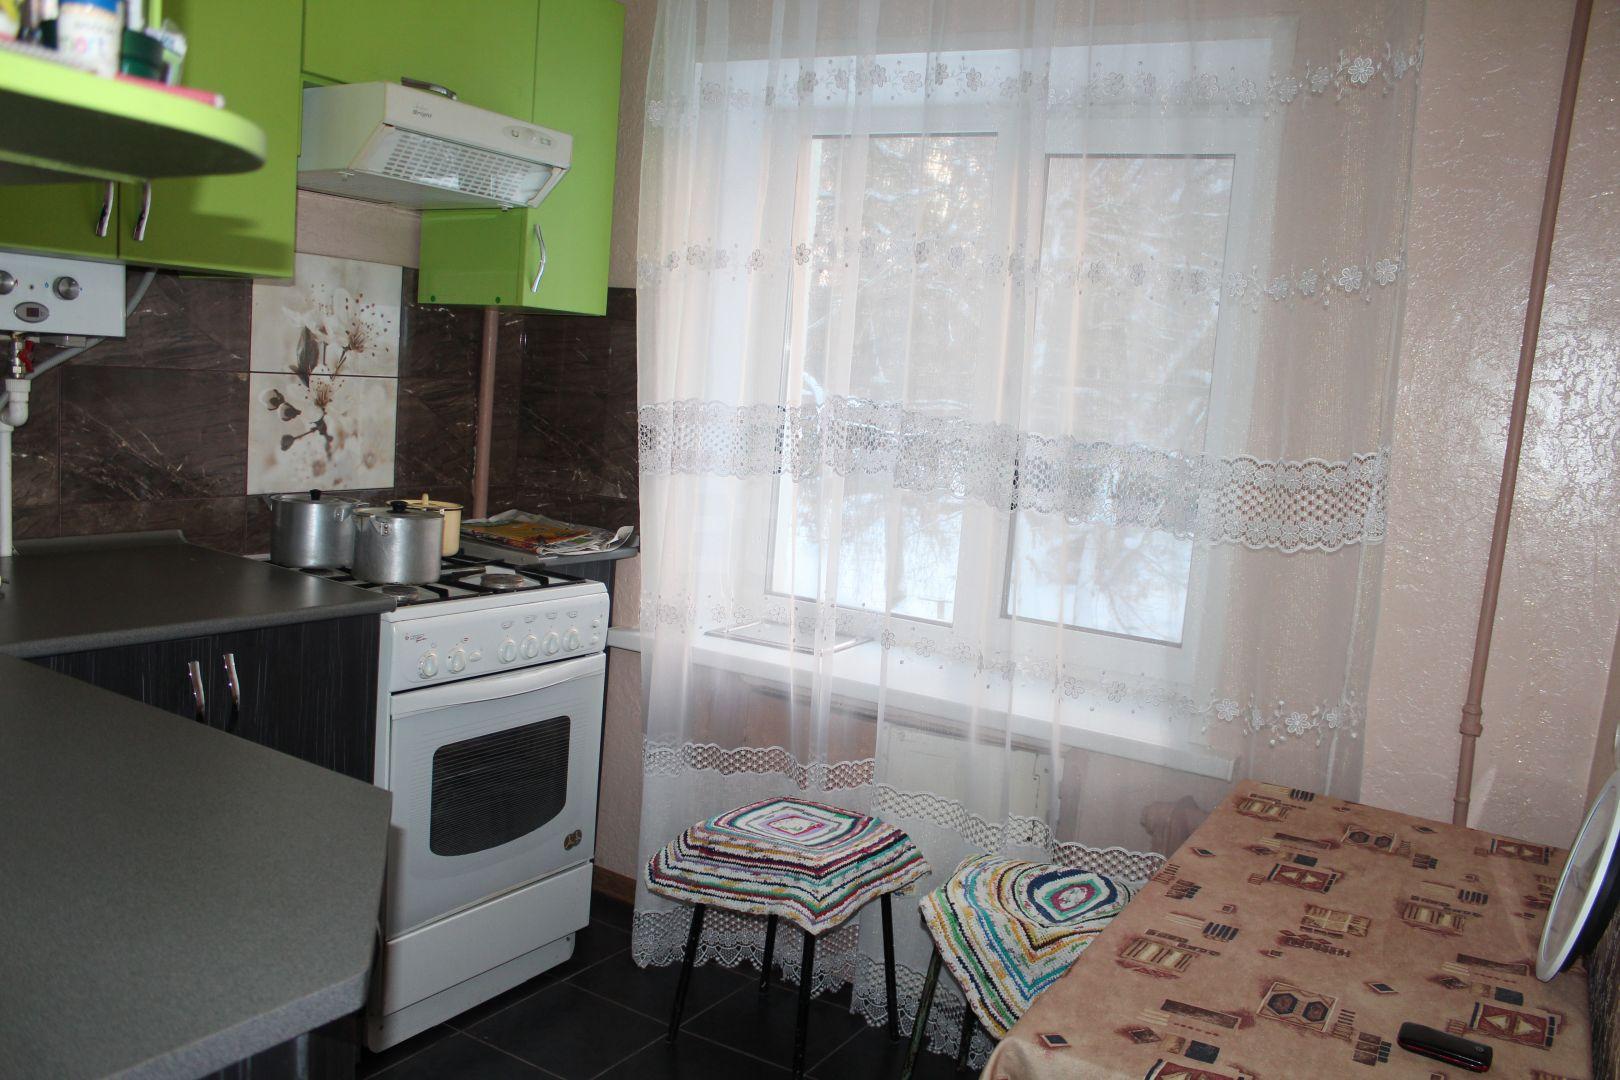 Продается однокомнатная квартира за 1 500 000 рублей. Заводской, ул. Карачевское шоссе, д. 3 (3.5 км до центра).